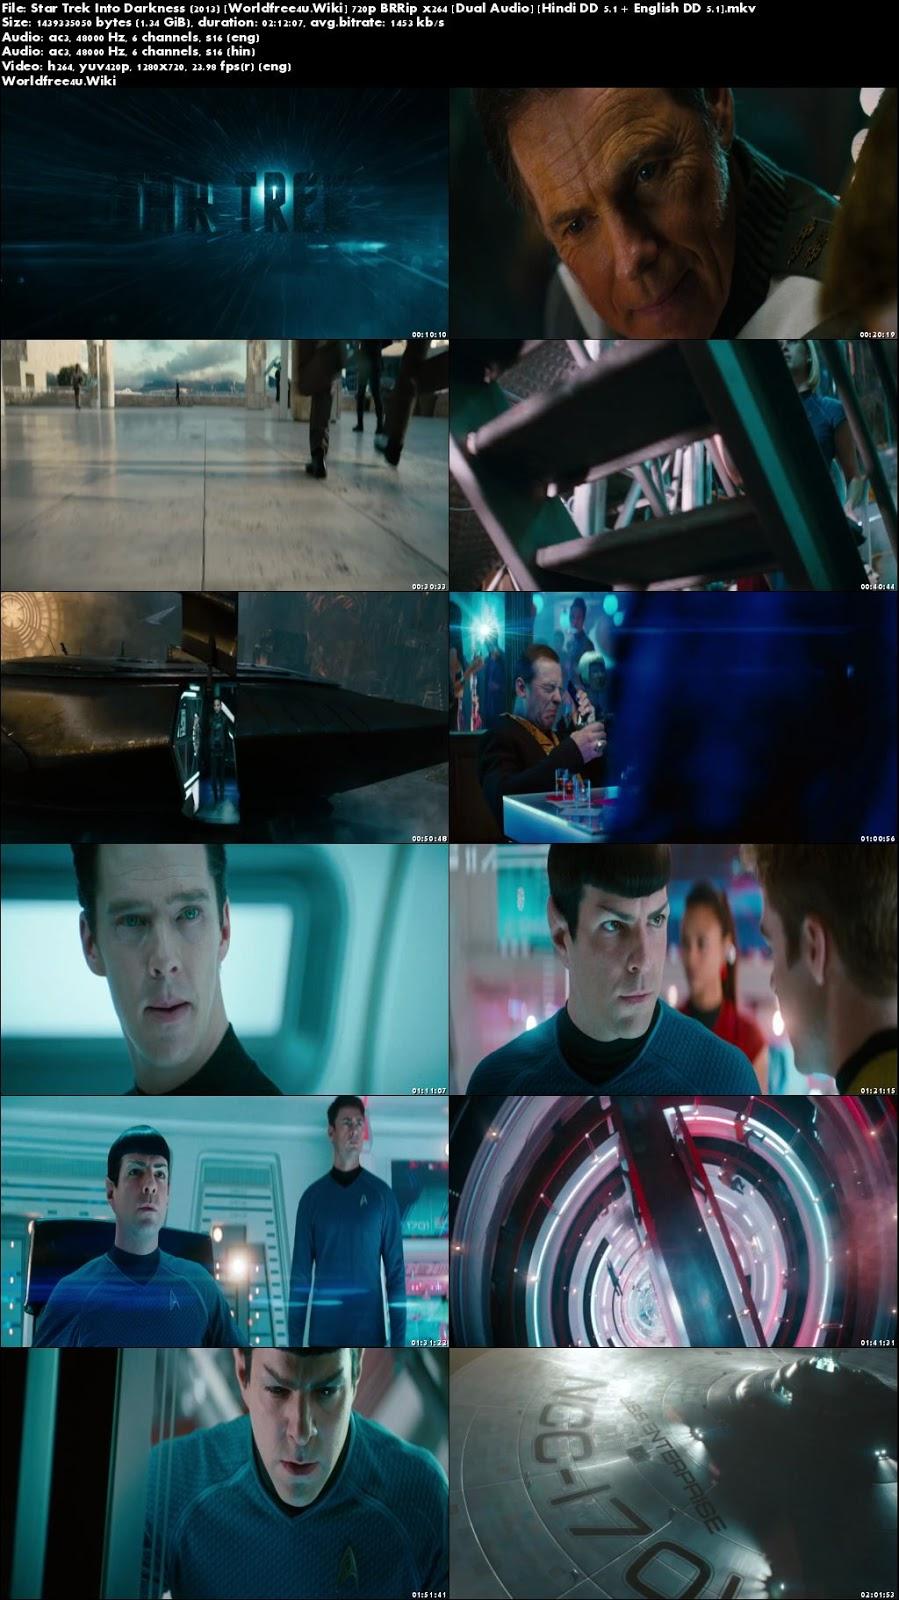 Star Trek Into Darkness 2013 Worldfree4u Wiki 720p Brrip X264 Dual Audio Hindi Dd 5 1 English Dd 5 1 Imgbb